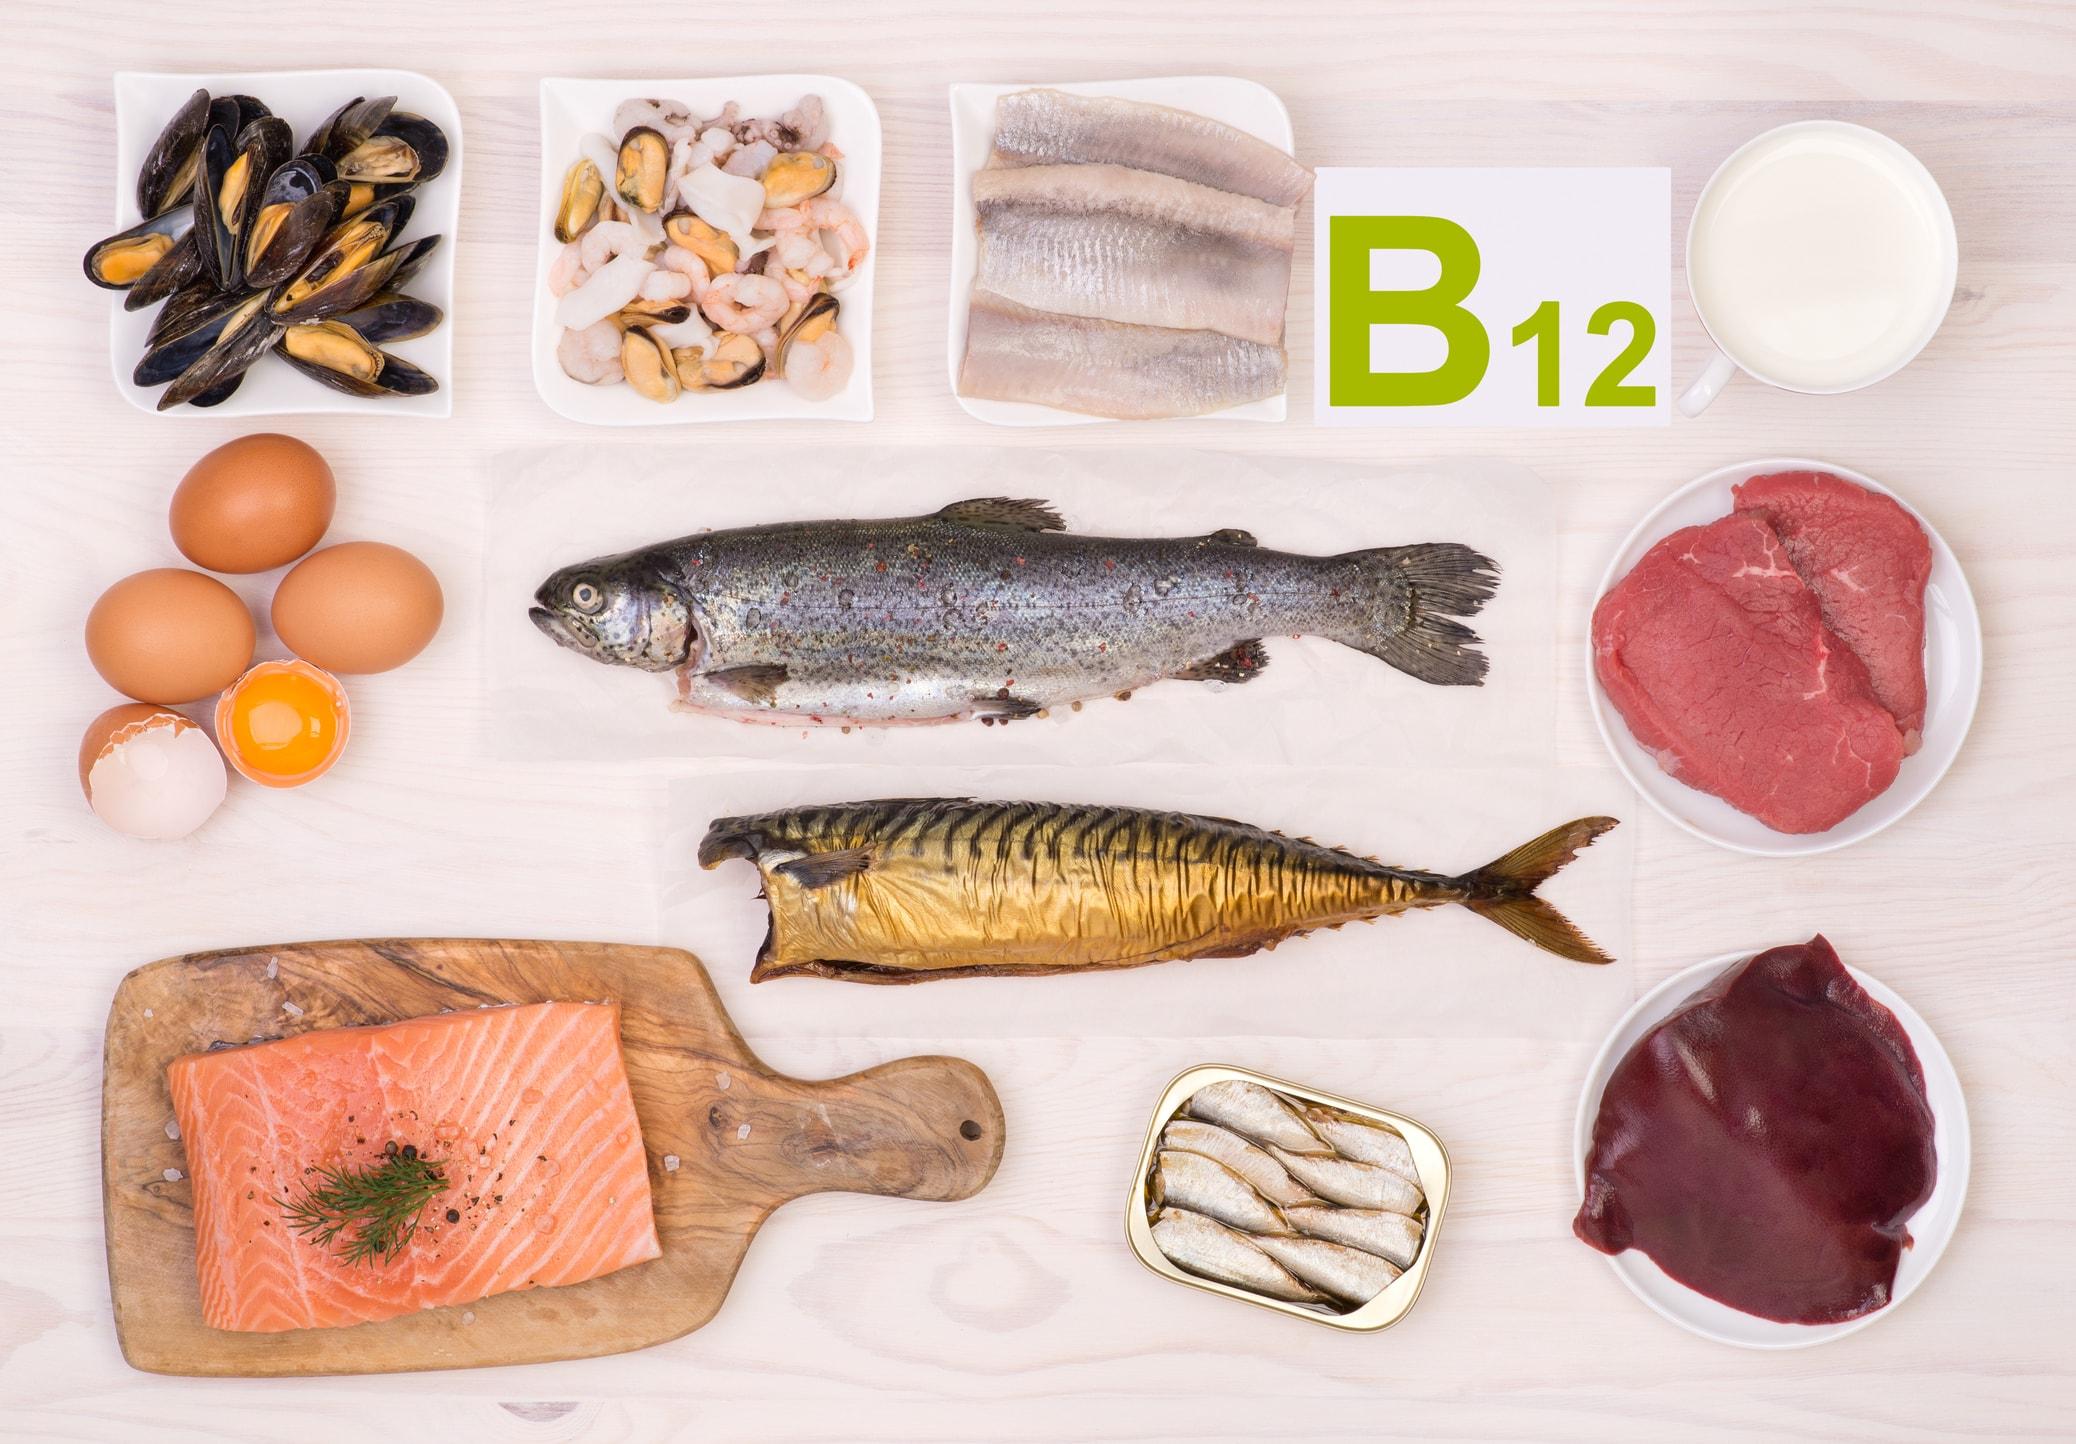 Ученые определили, как витамин B12 влияет на организм